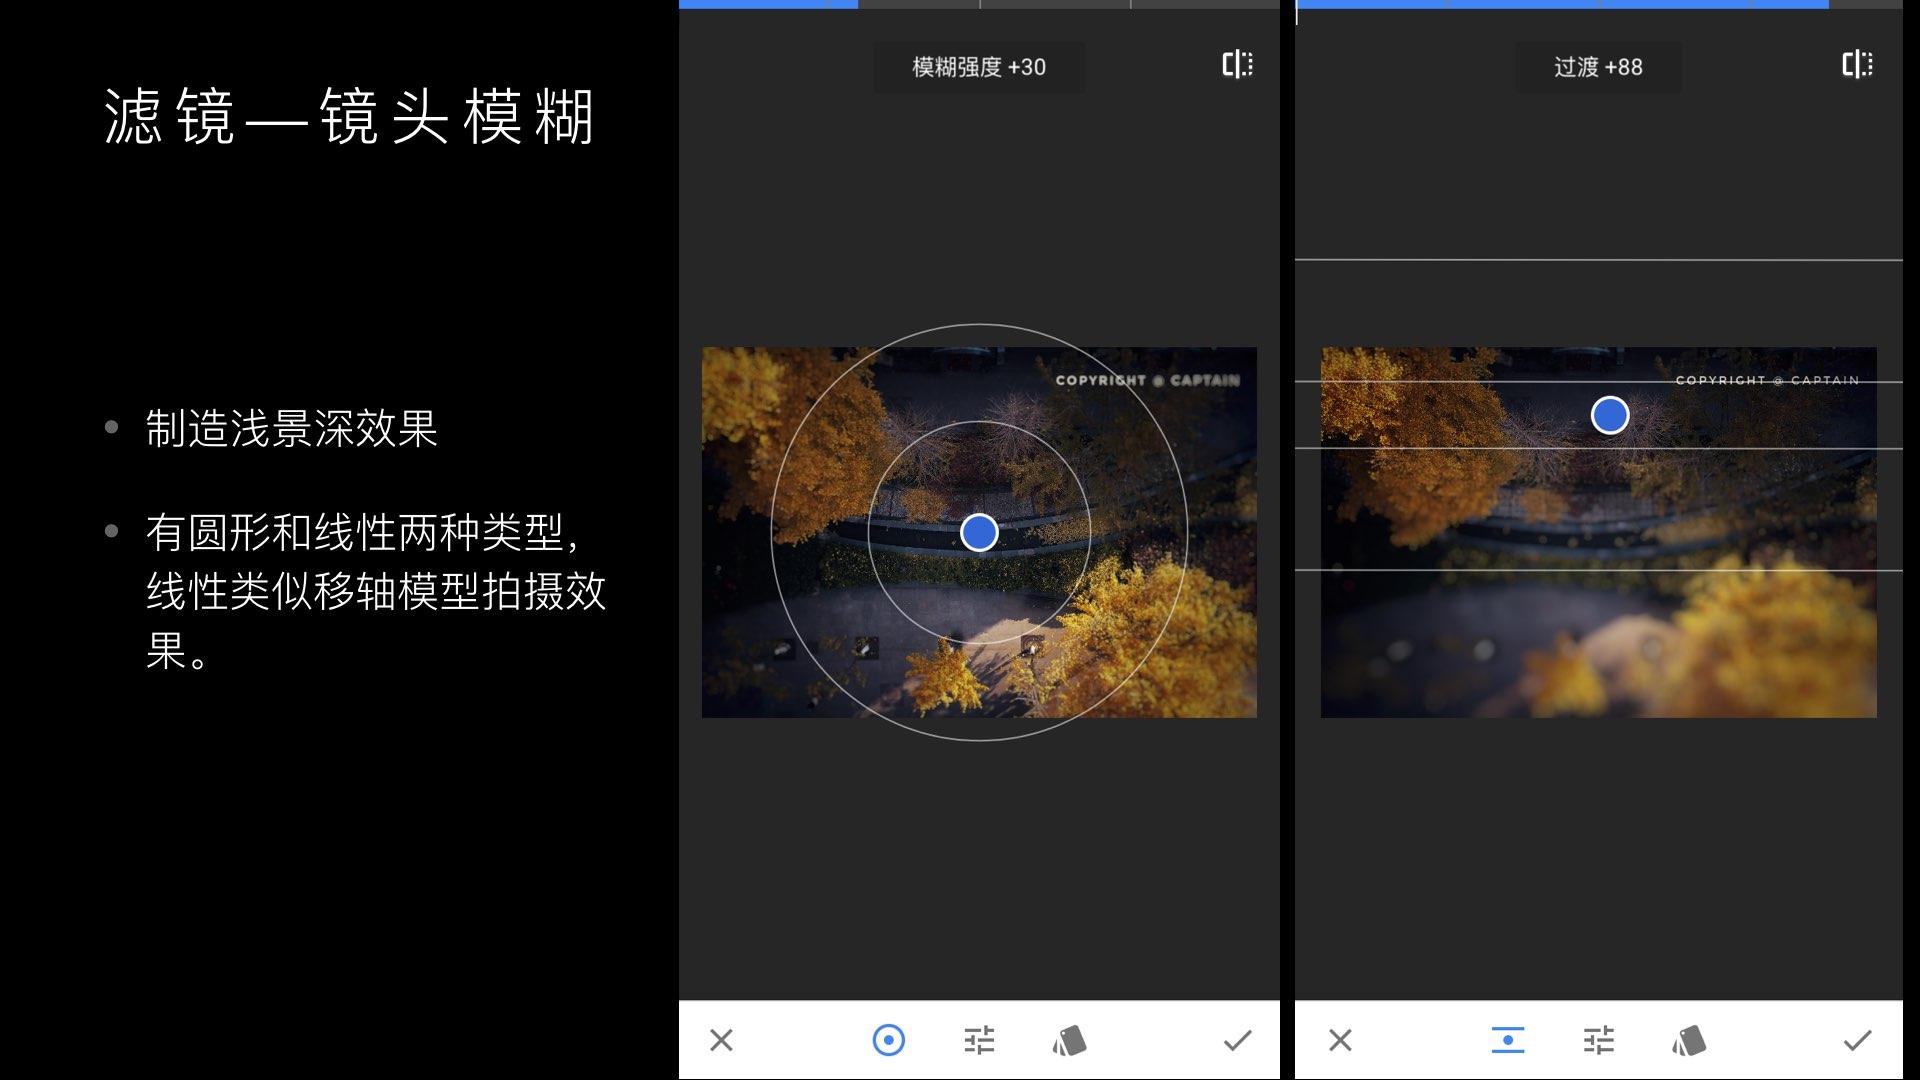 化腐朽为神奇,Snapseed图片编辑教程.021.jpeg